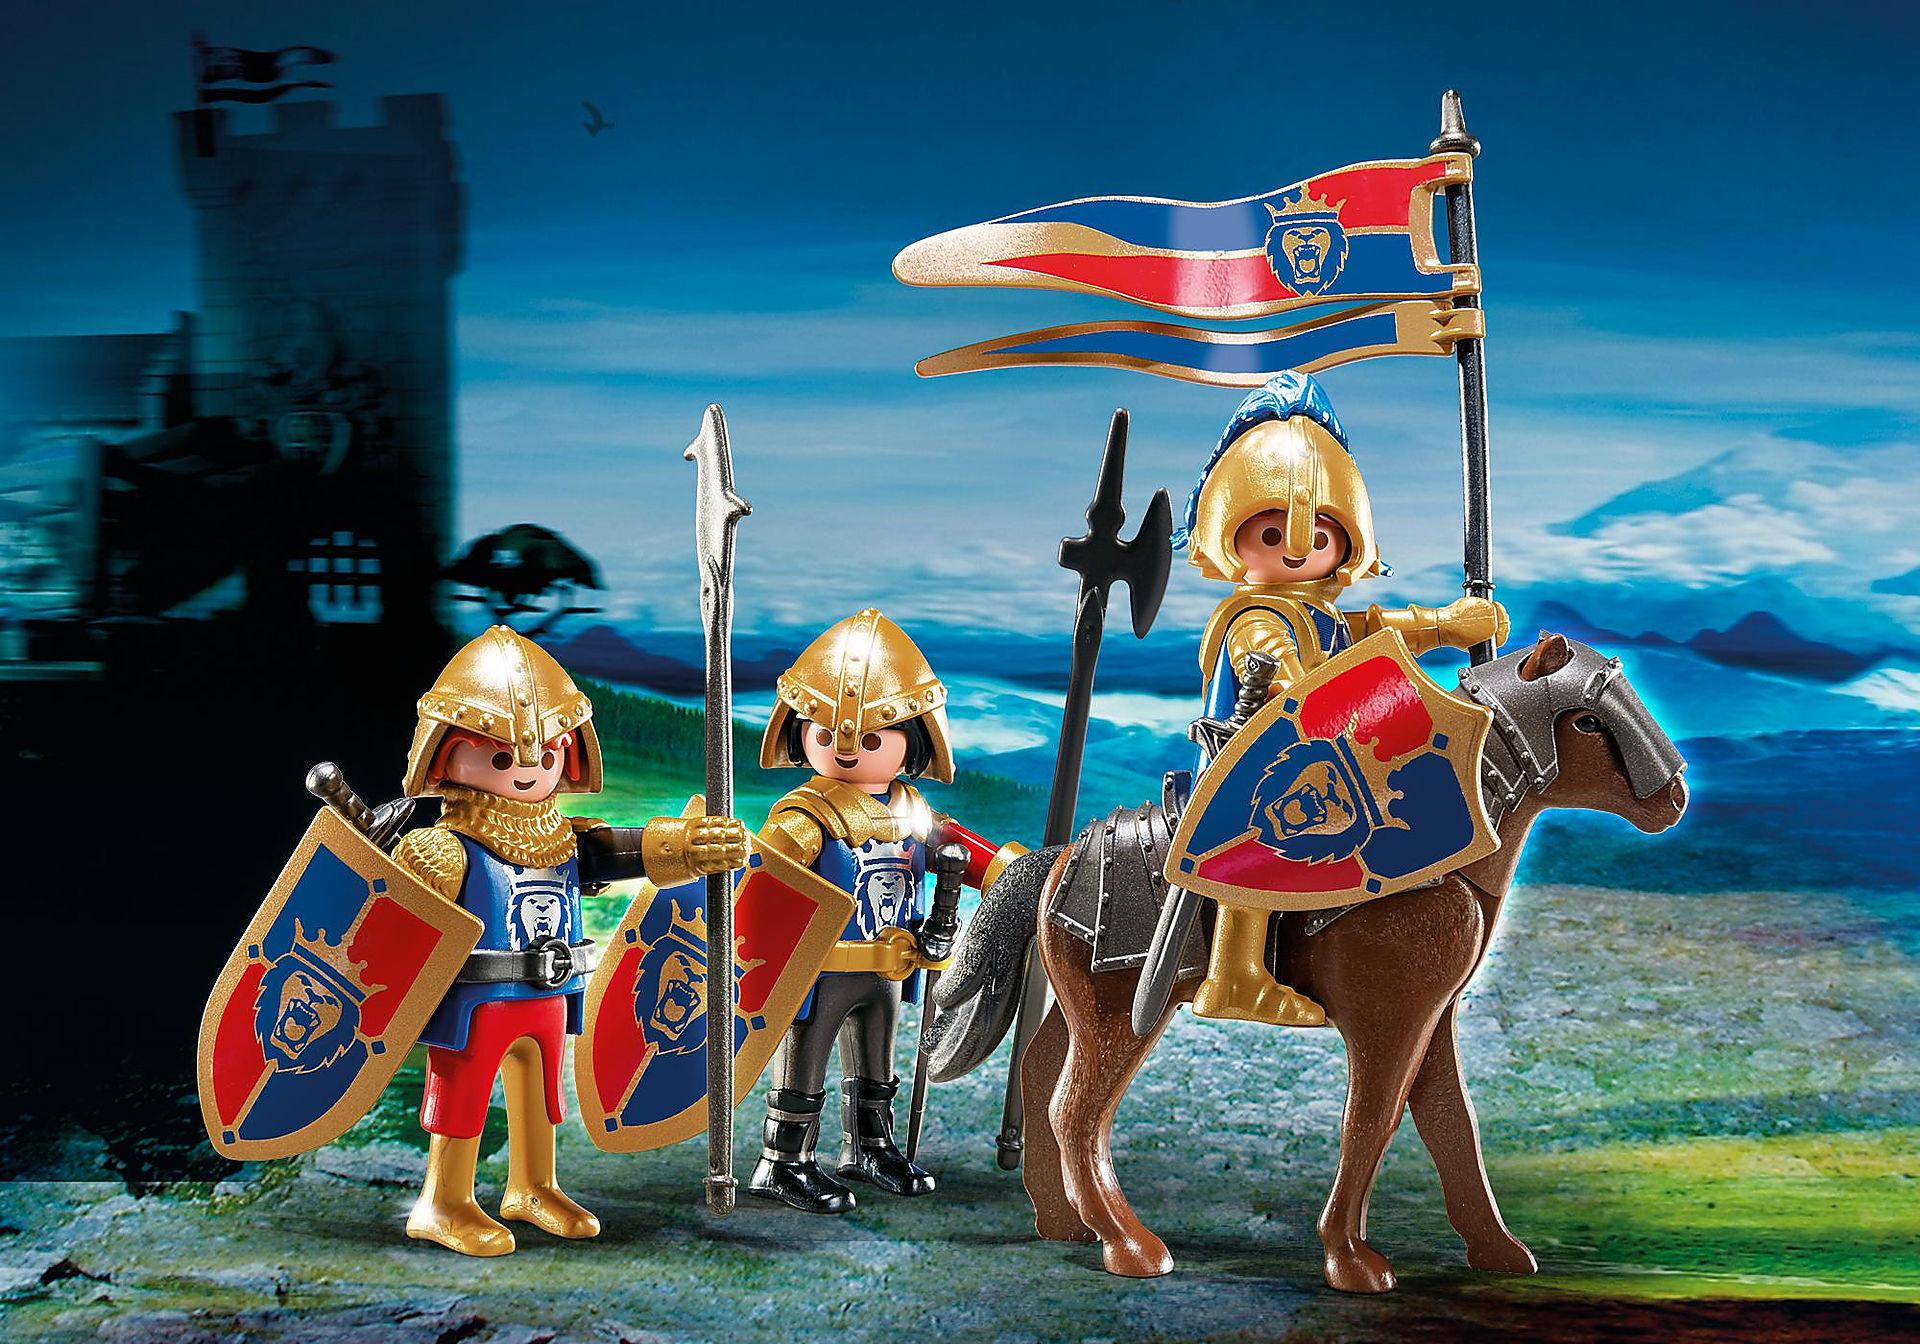 http://media.playmobil.com/i/playmobil/6006_product_detail/Kungliga lejonriddarna